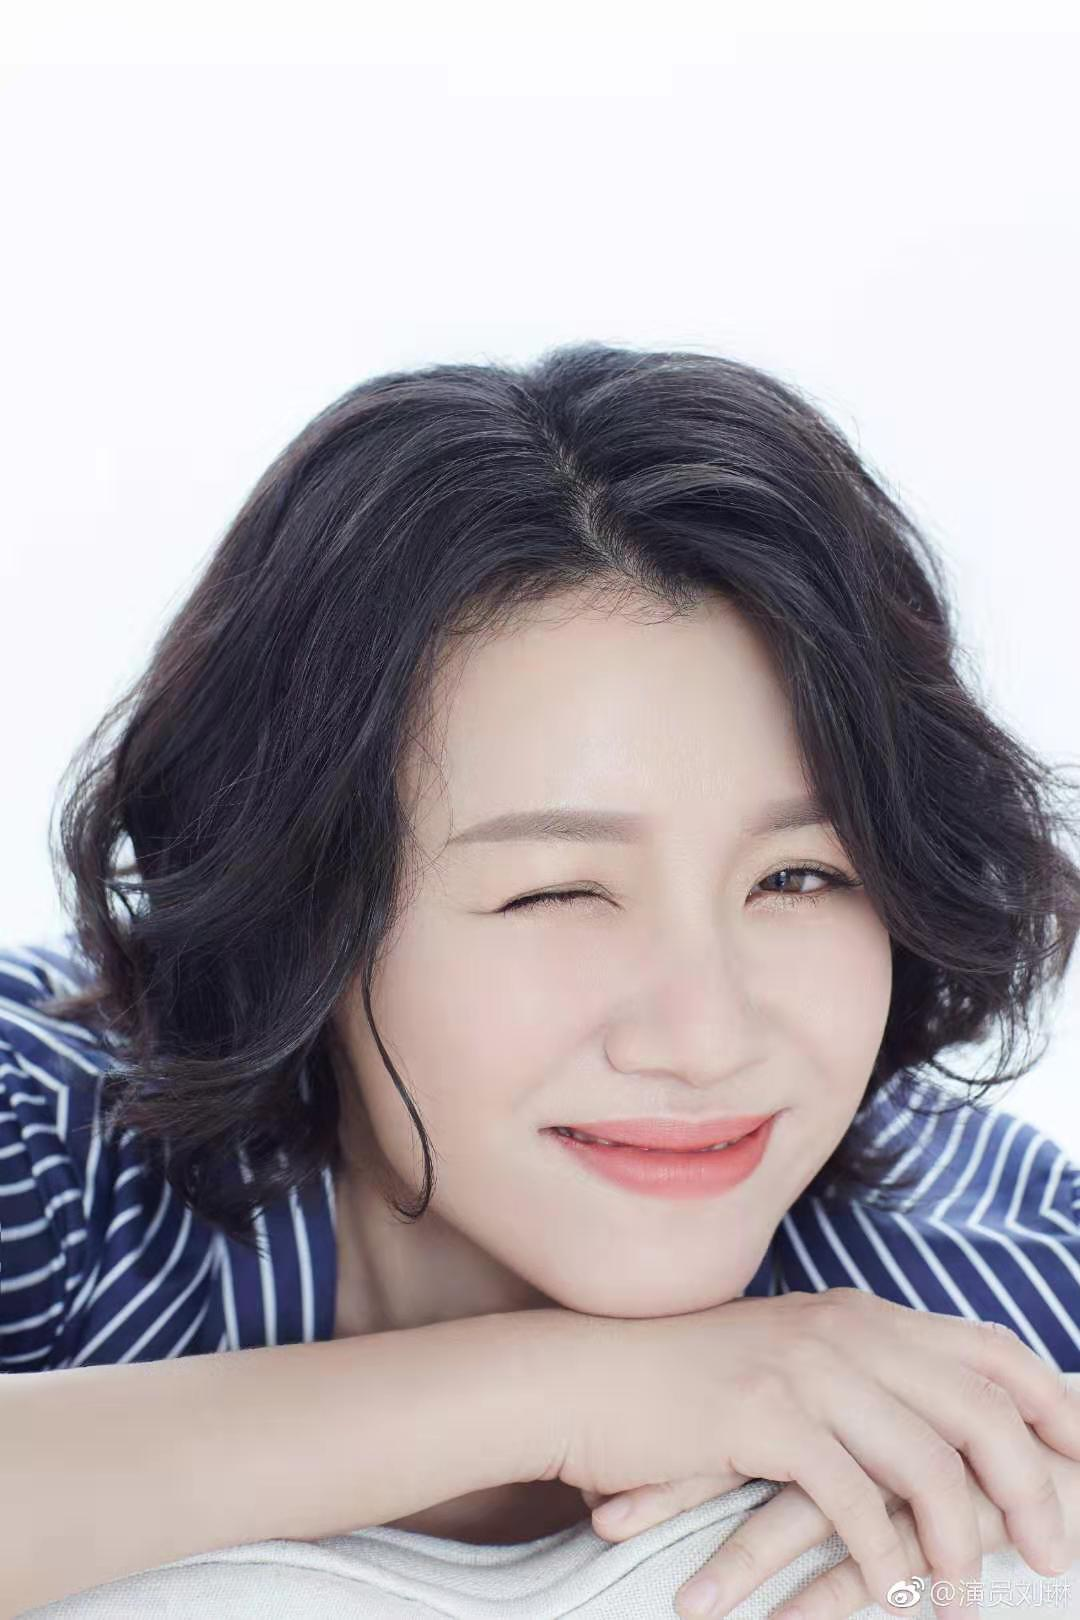 知否里的盛家大娘子刘琳,超有魅力,简直就是我们的快乐源泉